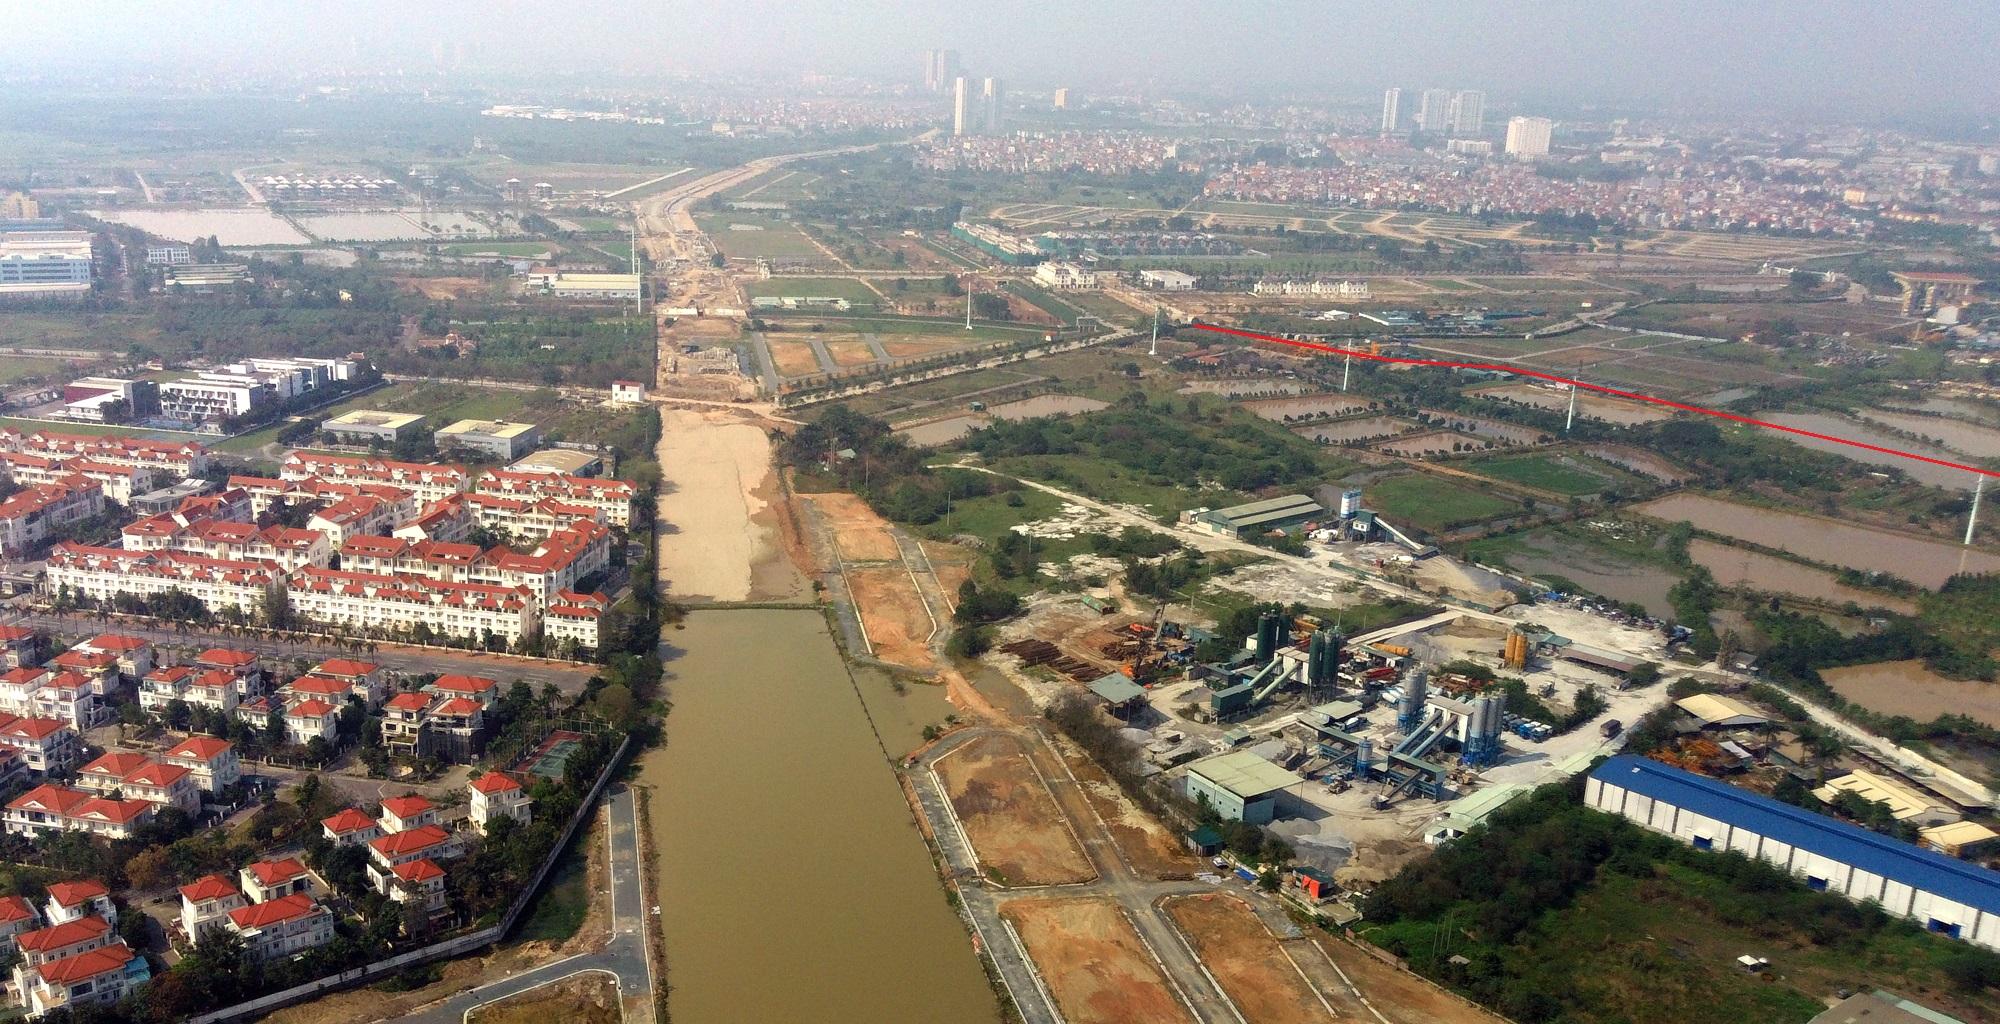 Toàn cảnh nơi xây dựng tuyến đường dài 3km trị giá gần 500 tỉ đồng ở quận Nam Từ Liêm - Ảnh 18.